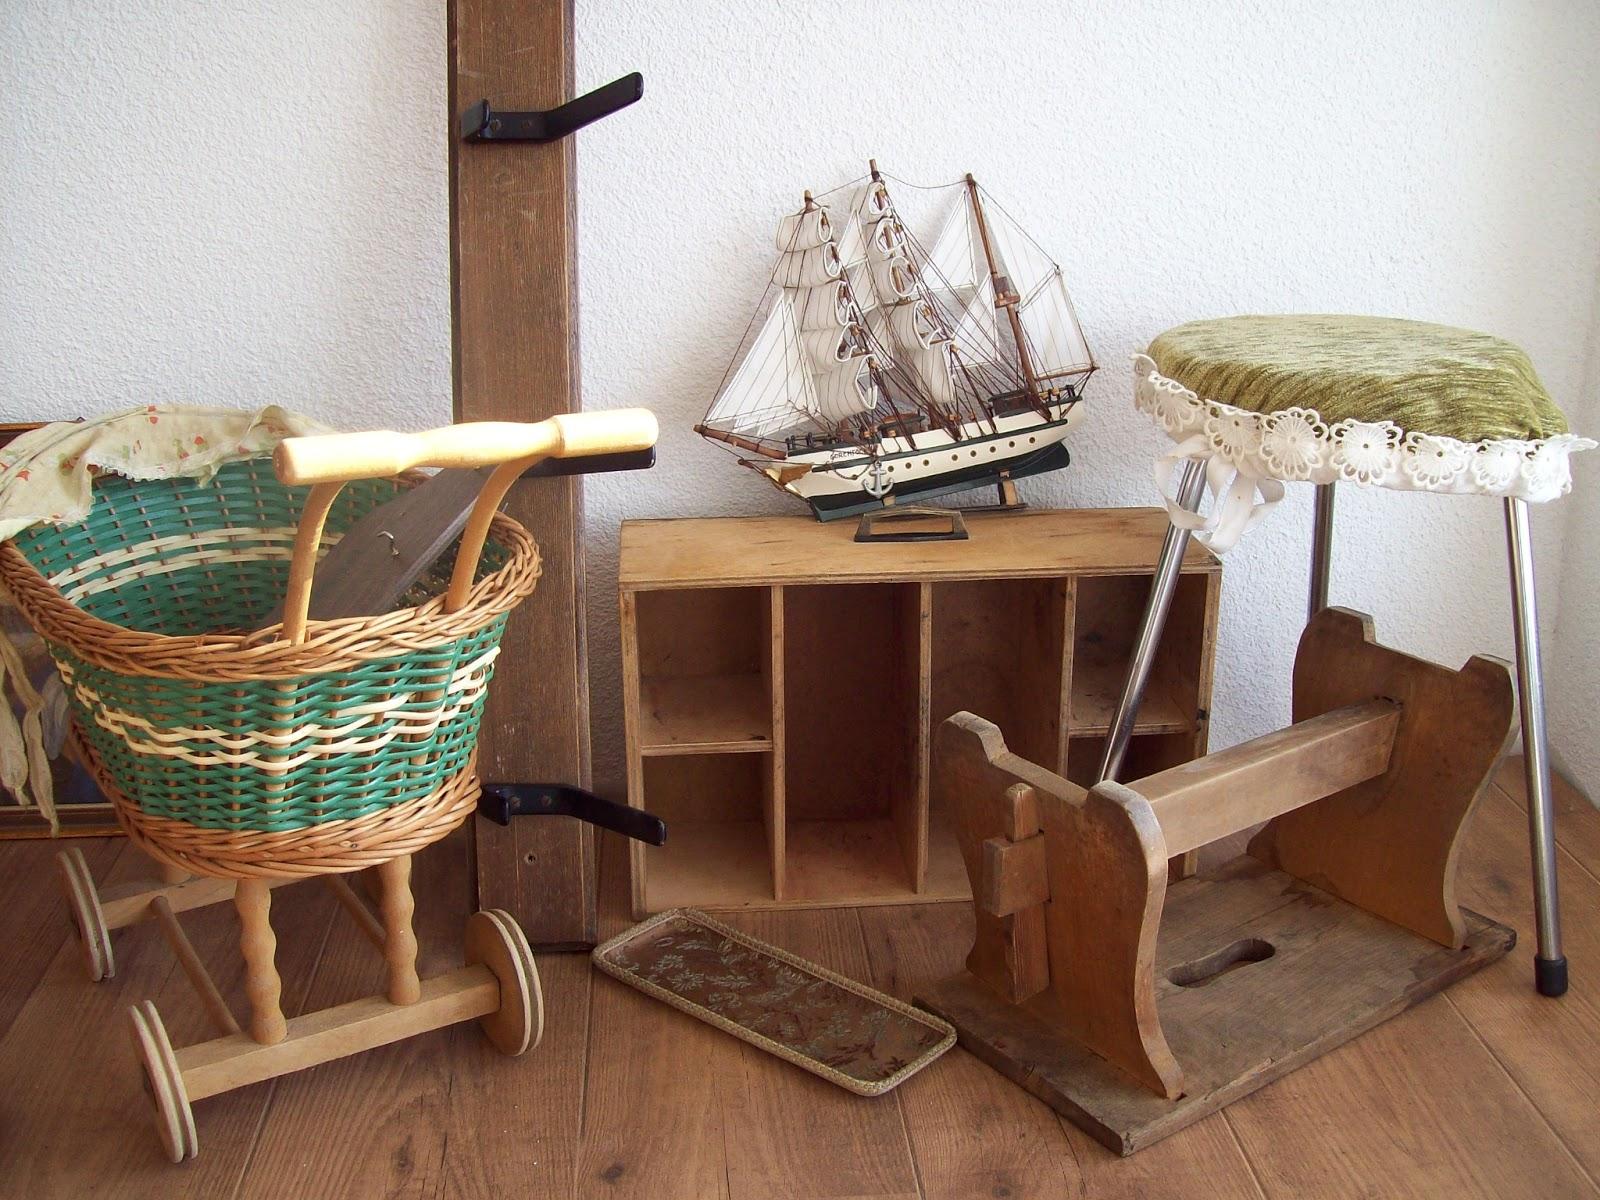 vintagefactory februar 2013. Black Bedroom Furniture Sets. Home Design Ideas